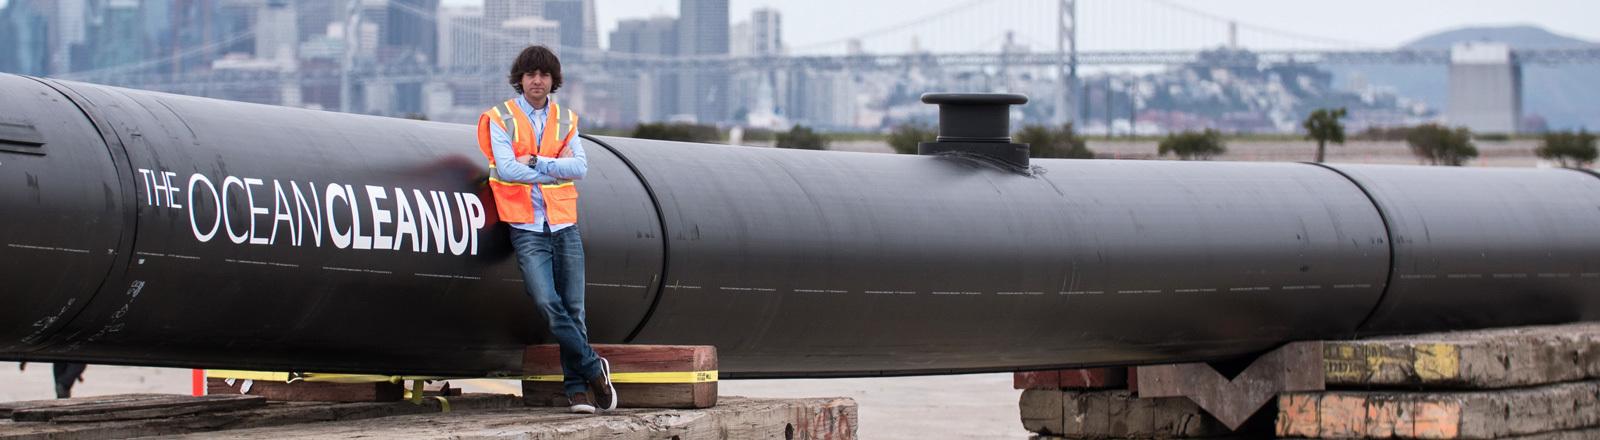 Boyan Slat ist der Gründer von The Ocean Cleanup. Er lehnt an einer langen, schwarzen Röhre, die Teil der Filteranlage ist, um Plastikkmüll aus dem Meer zu fischen. Im Hintergrund ist eine Skyline zu sehen.